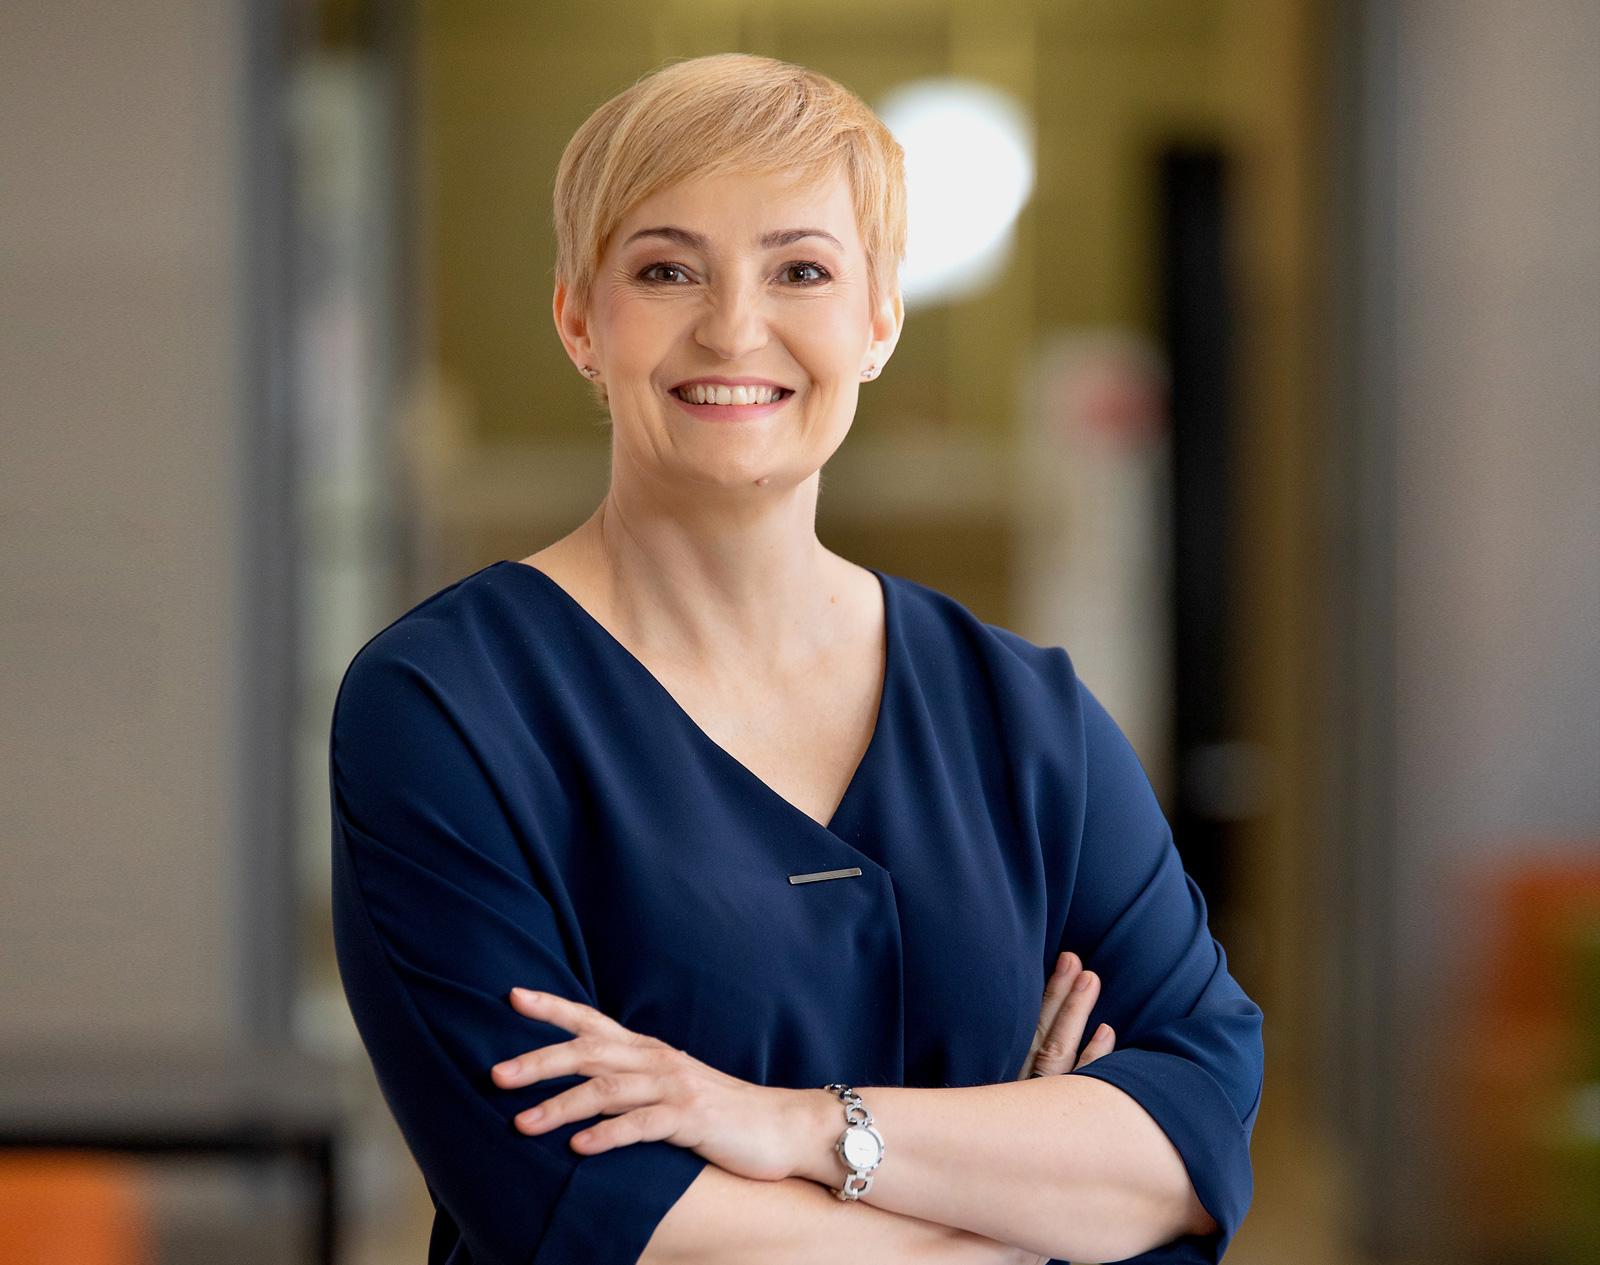 Agnieszka Kozłowska